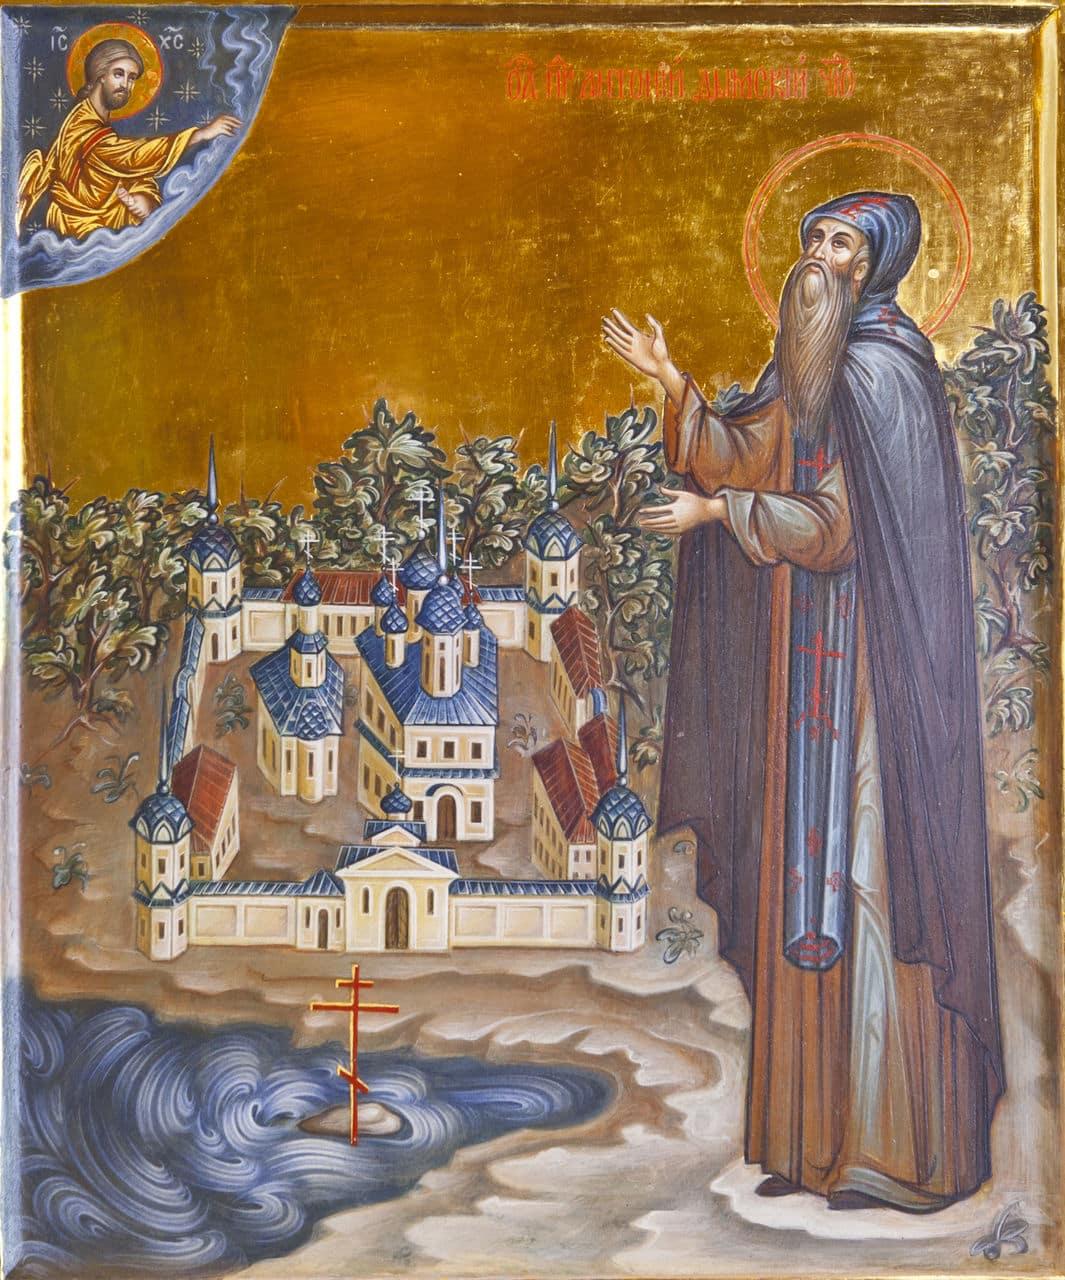 Какой церковный праздник сегодня 30 января 2021 чтят православные: Антон-Перезимник отмечают 30.01.2021